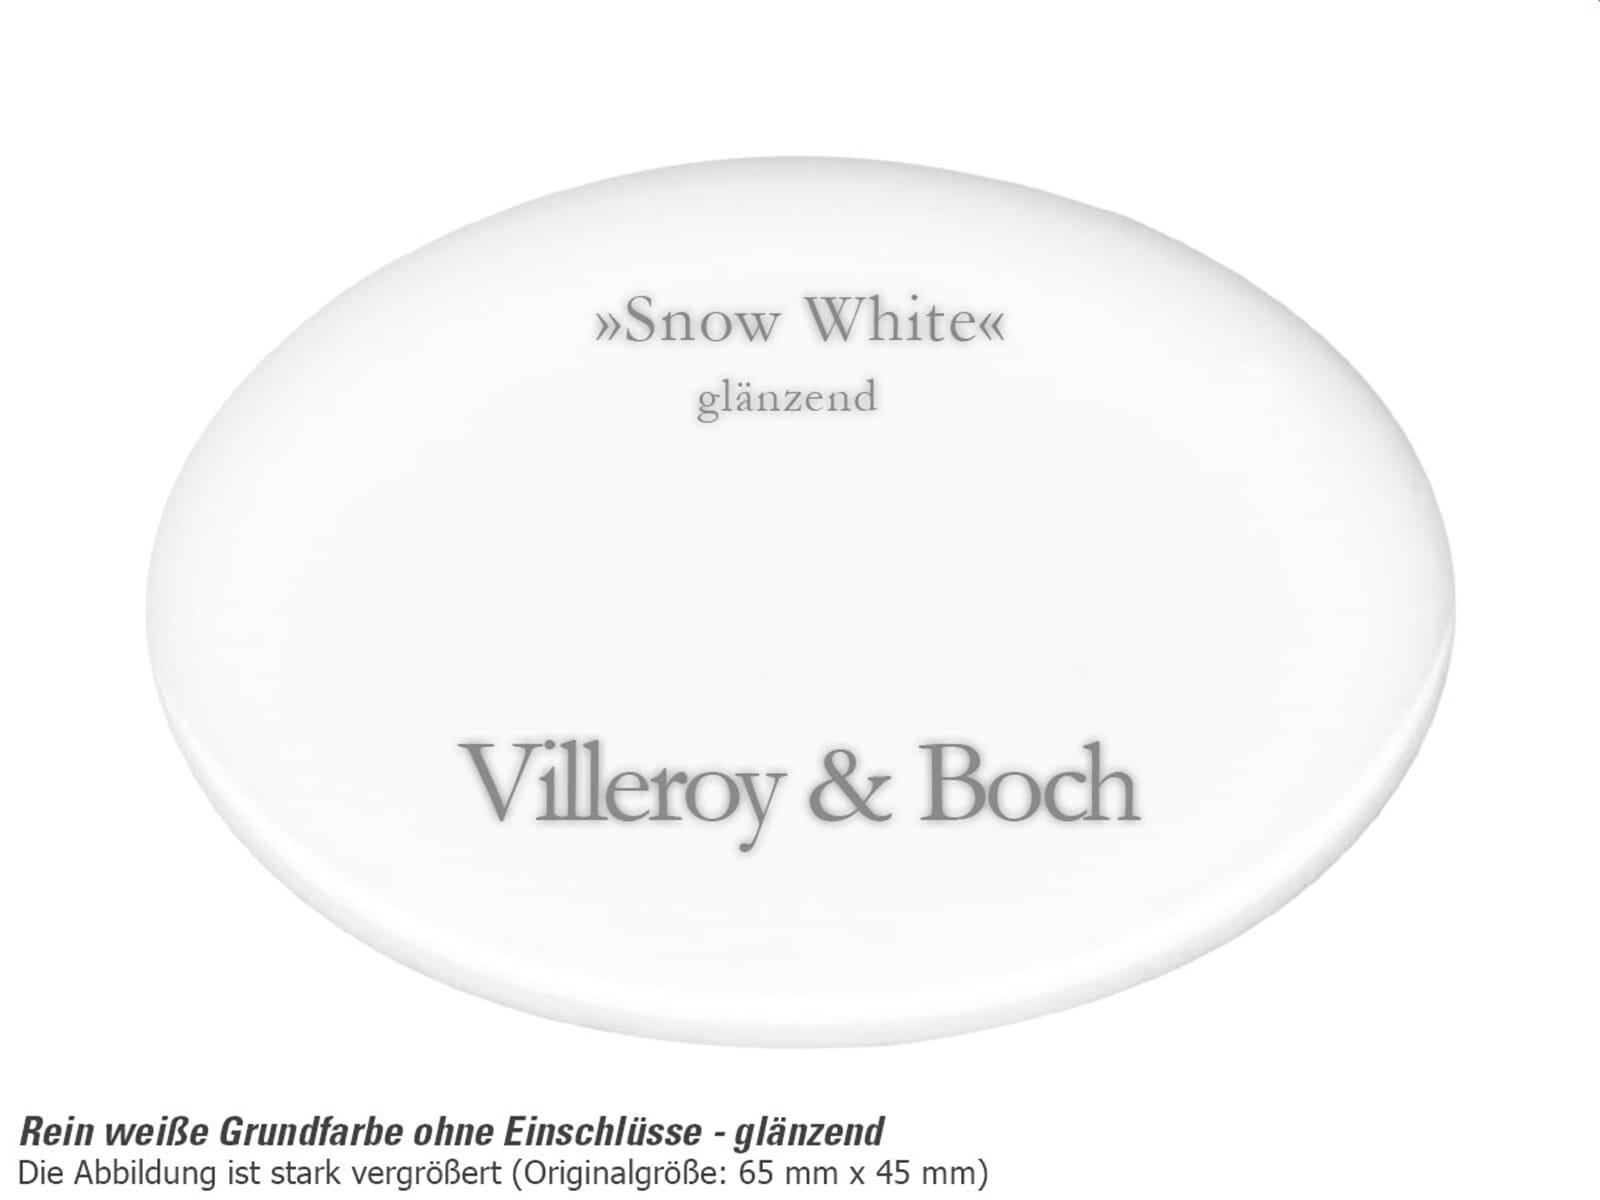 Villeroy & Boch Siluet 50 S Snow White – 3345 02 KG Keramikspüle Exzenterbetätigung